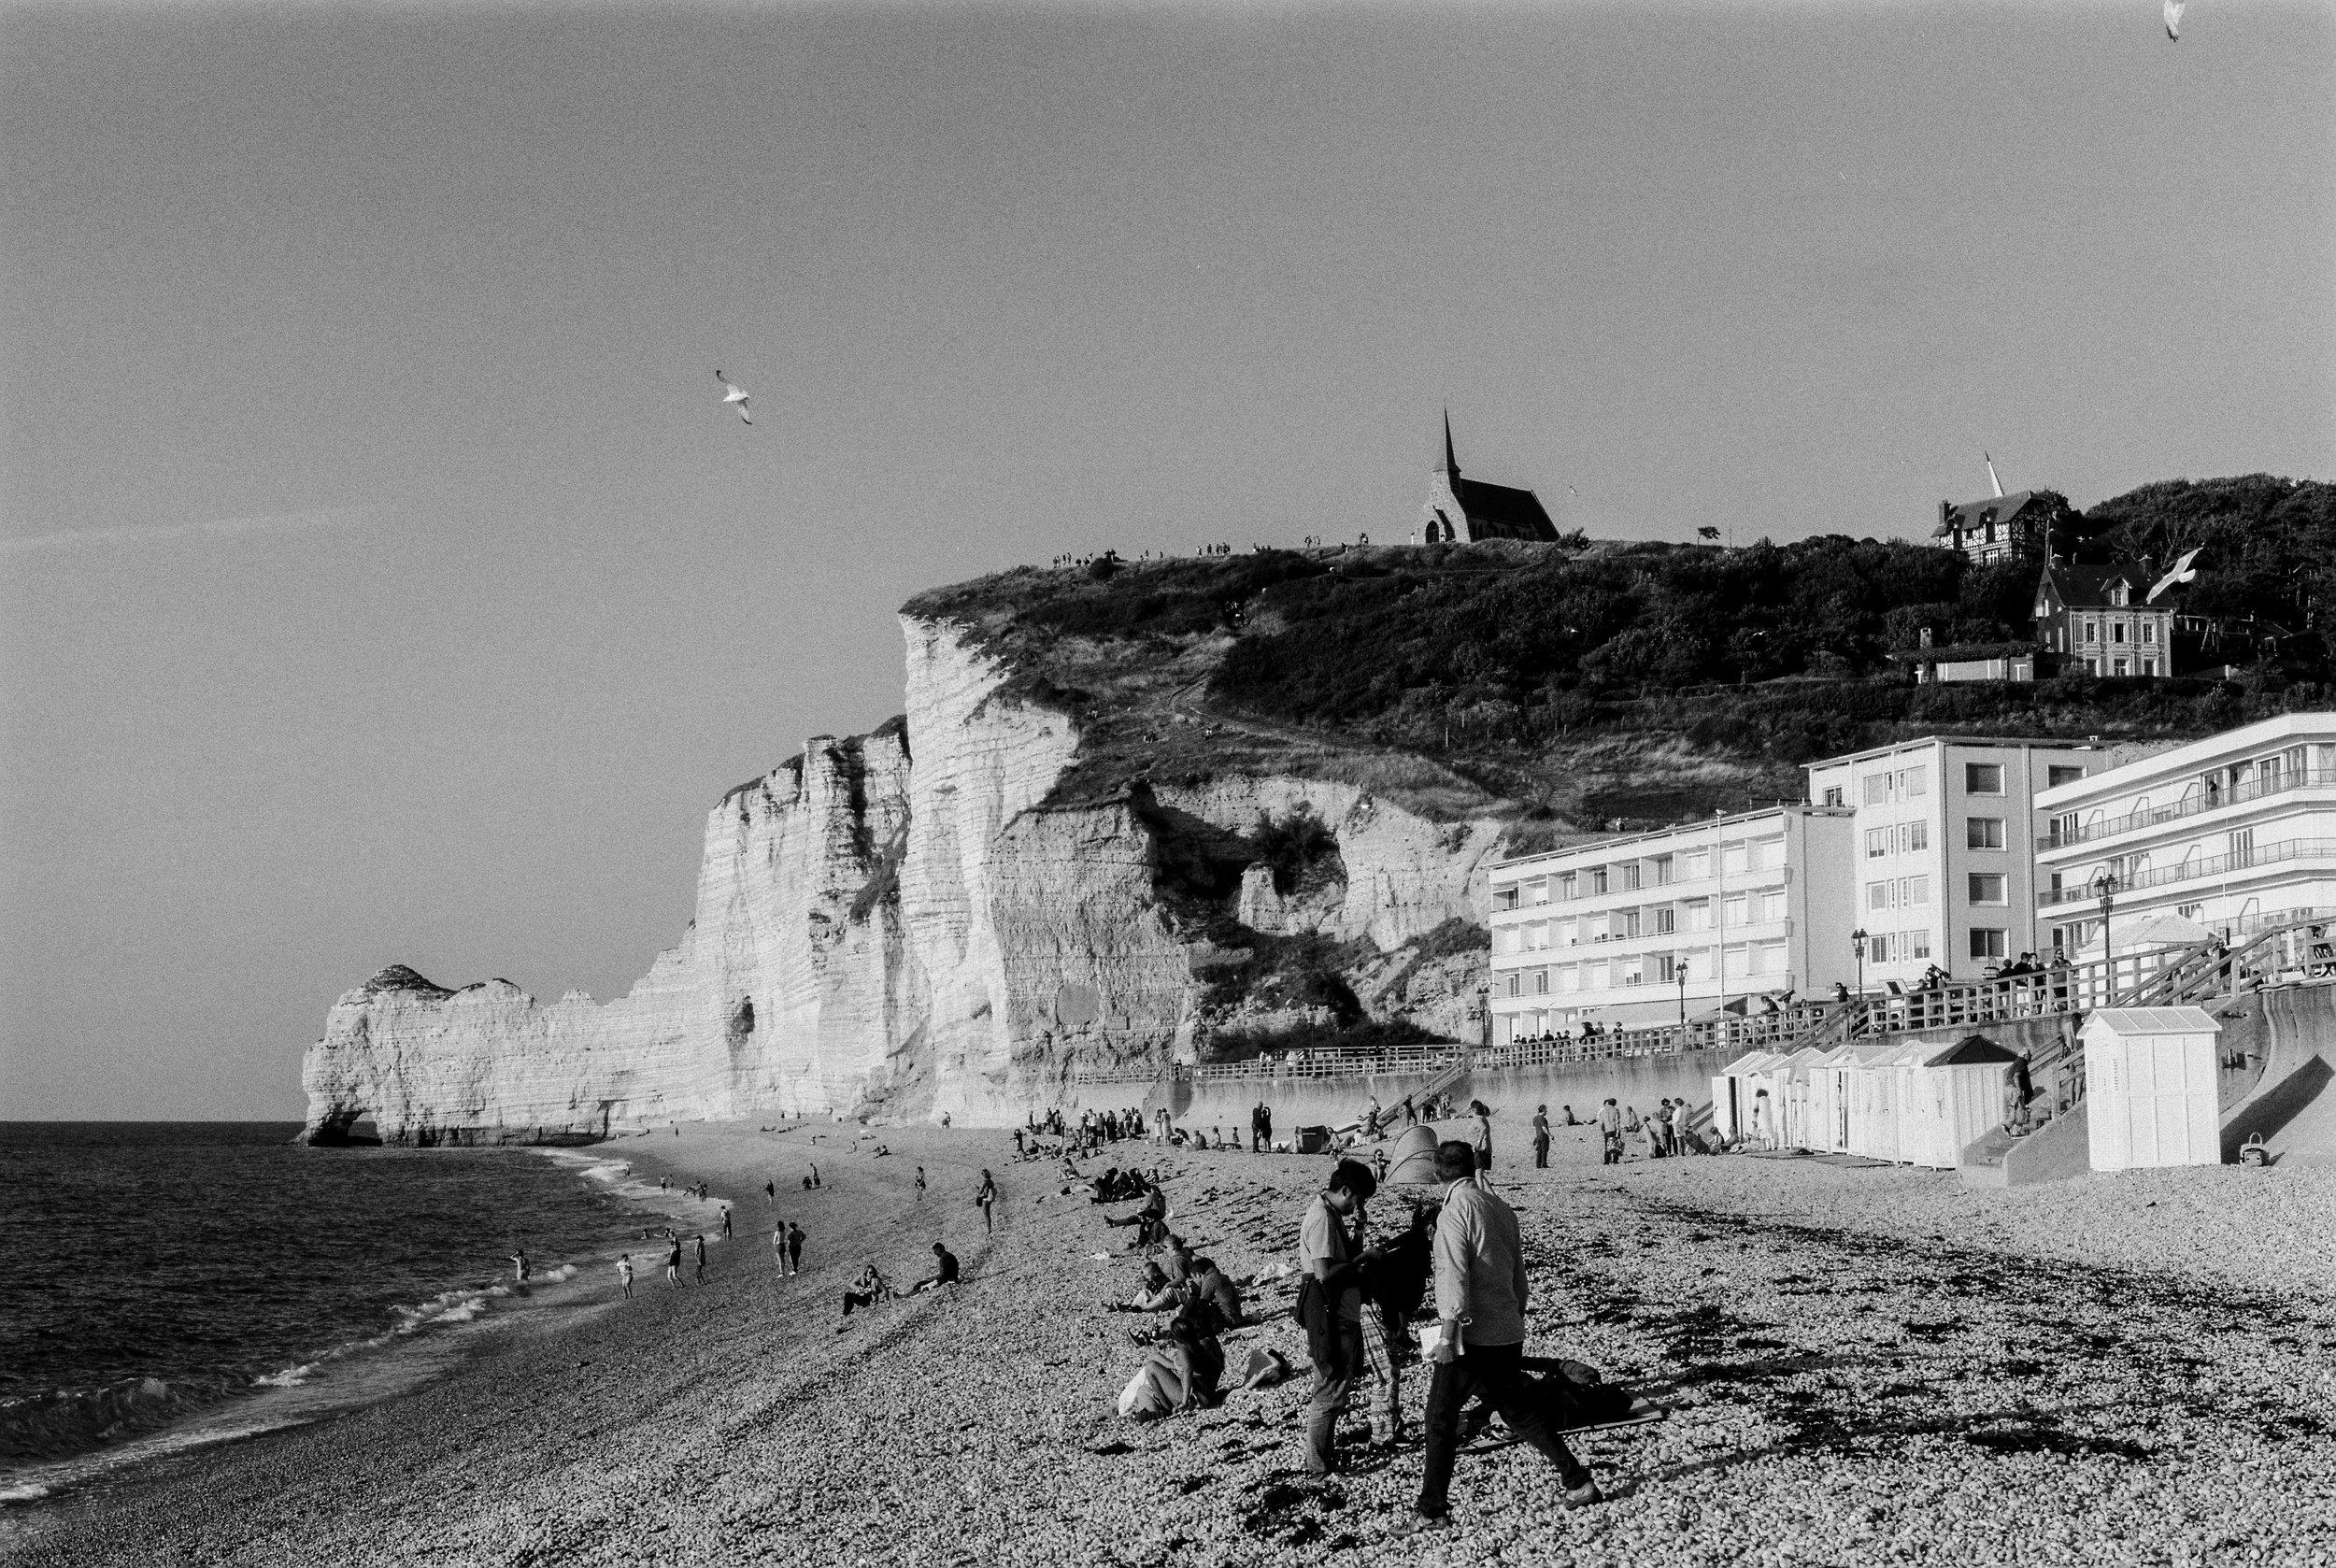 TaraShupe_NormandyFrance_MinoltaFilm_Vintage_013.jpg